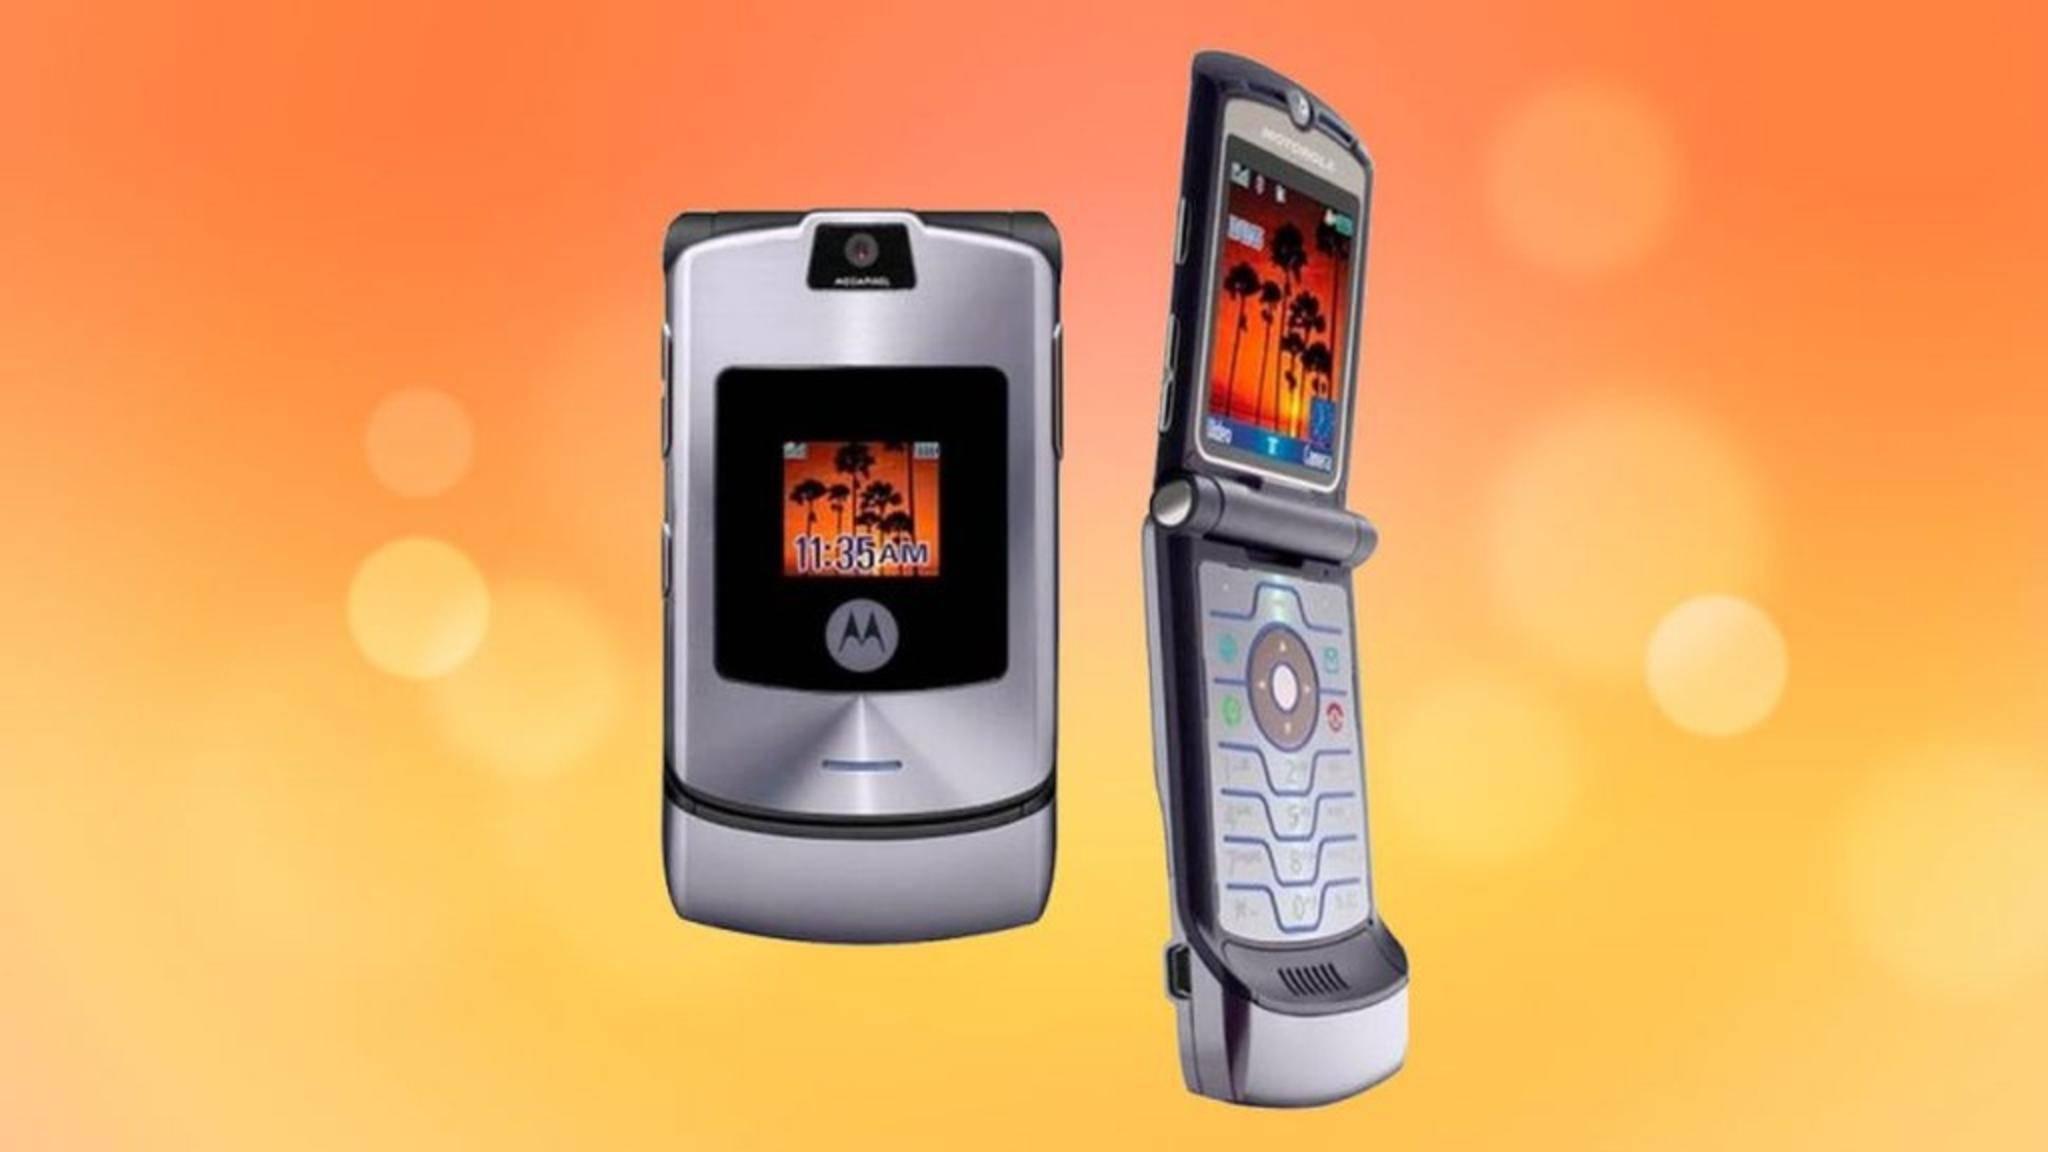 Das ikonische Motorola Razr V3 kam 2004 auf den Markt.